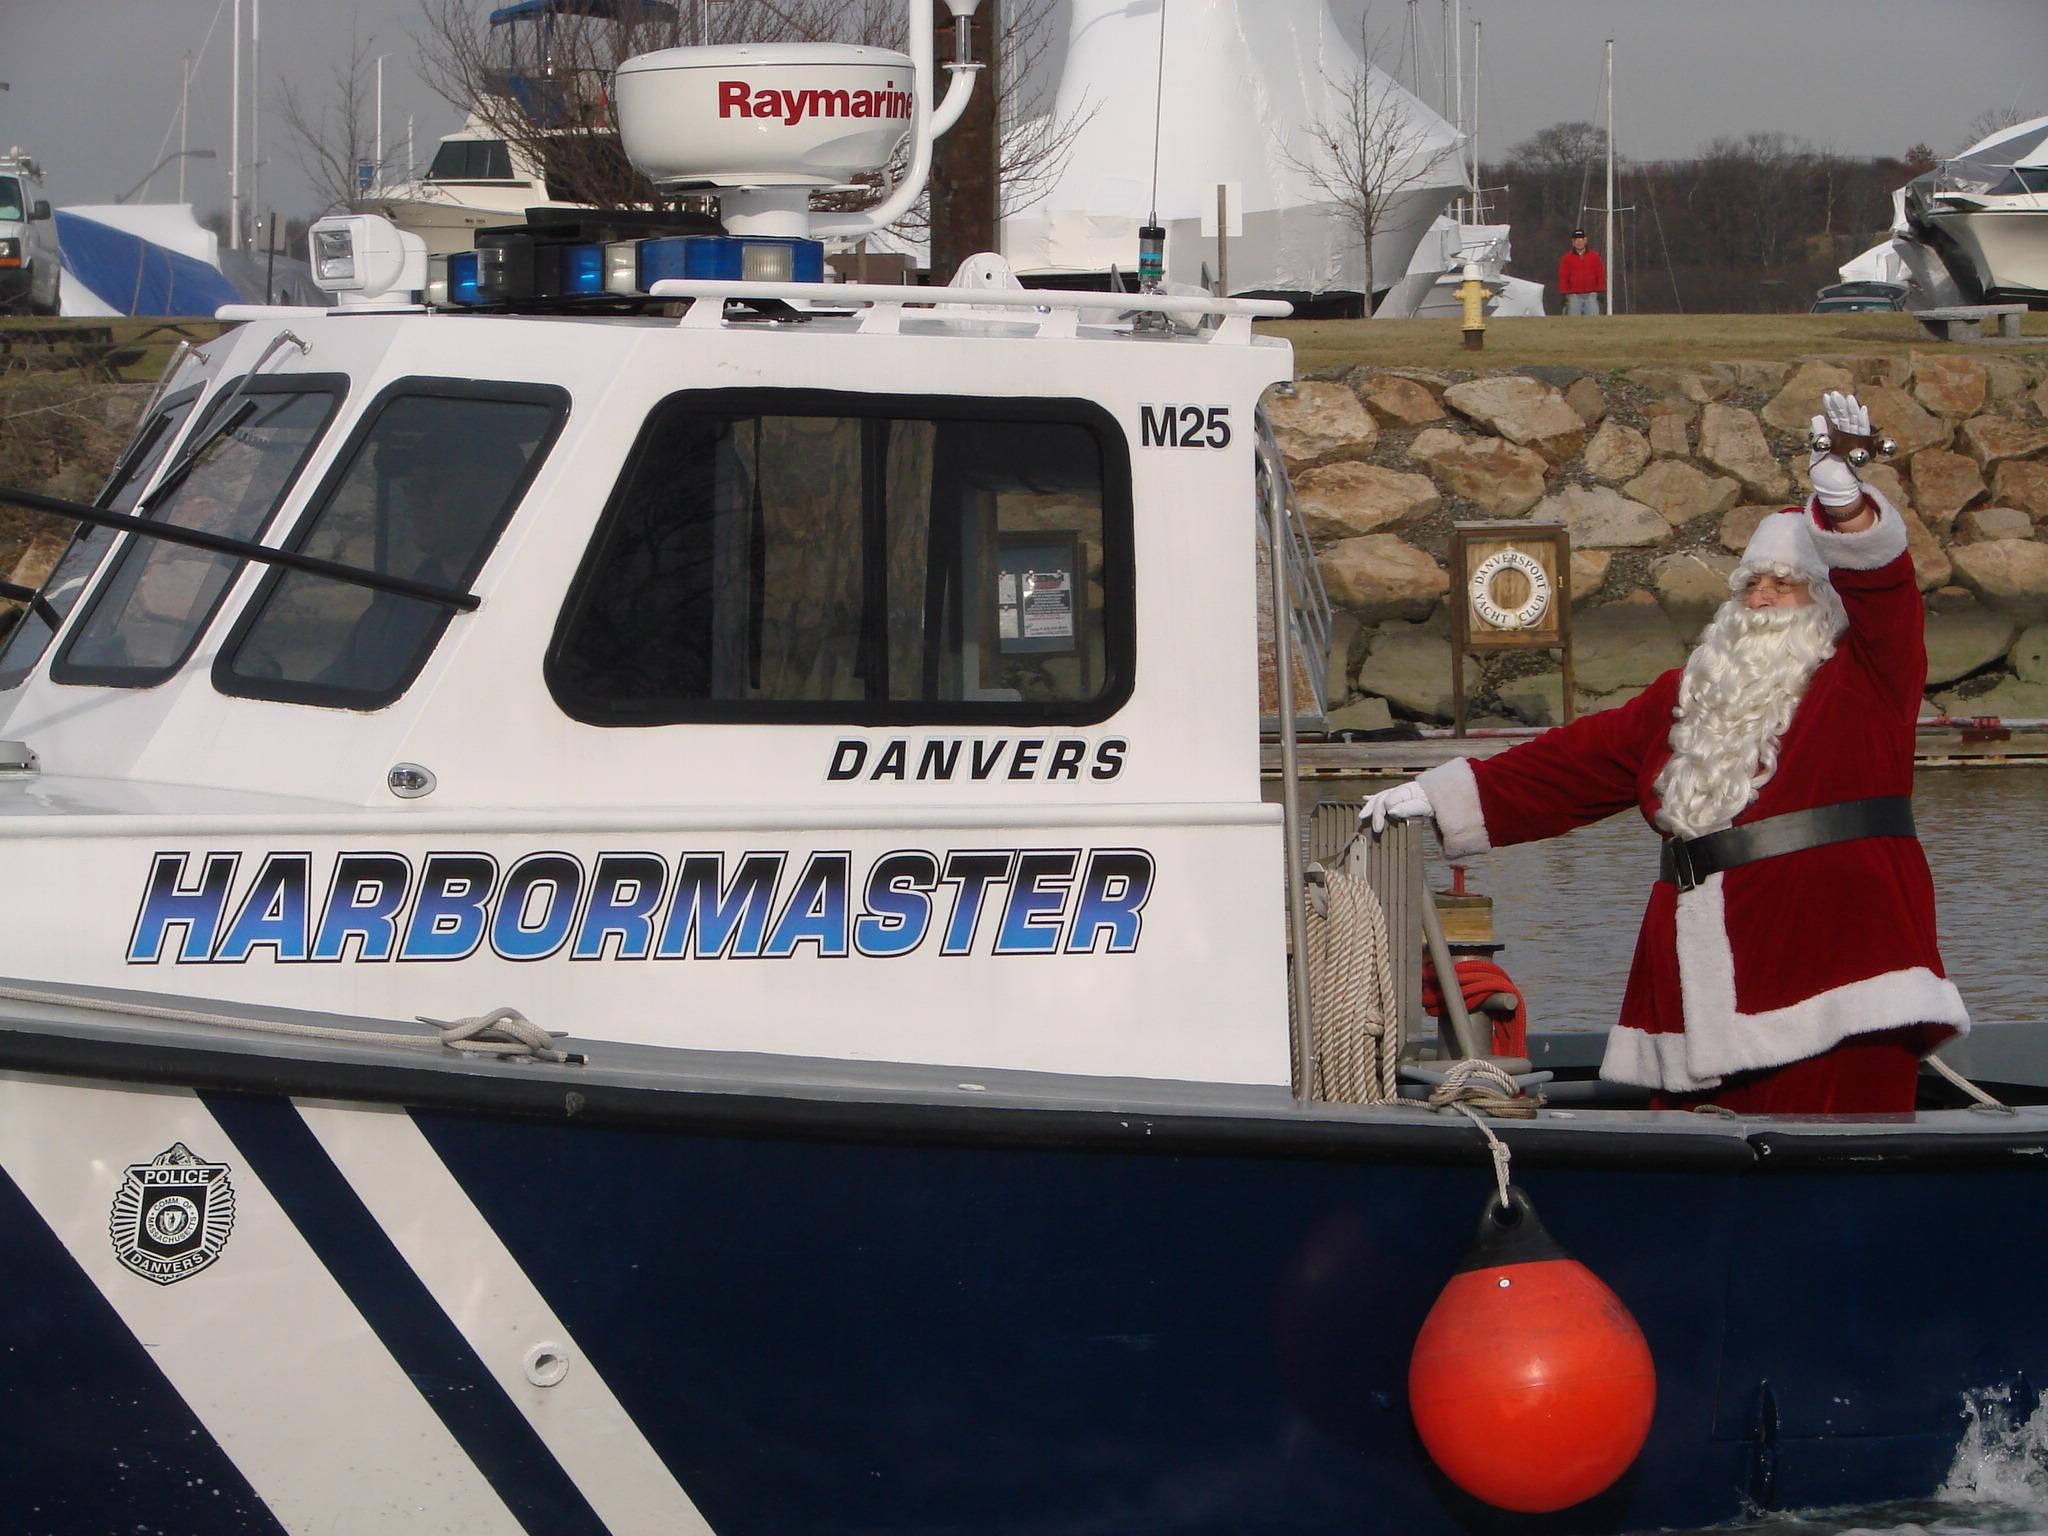 Santa on Boat